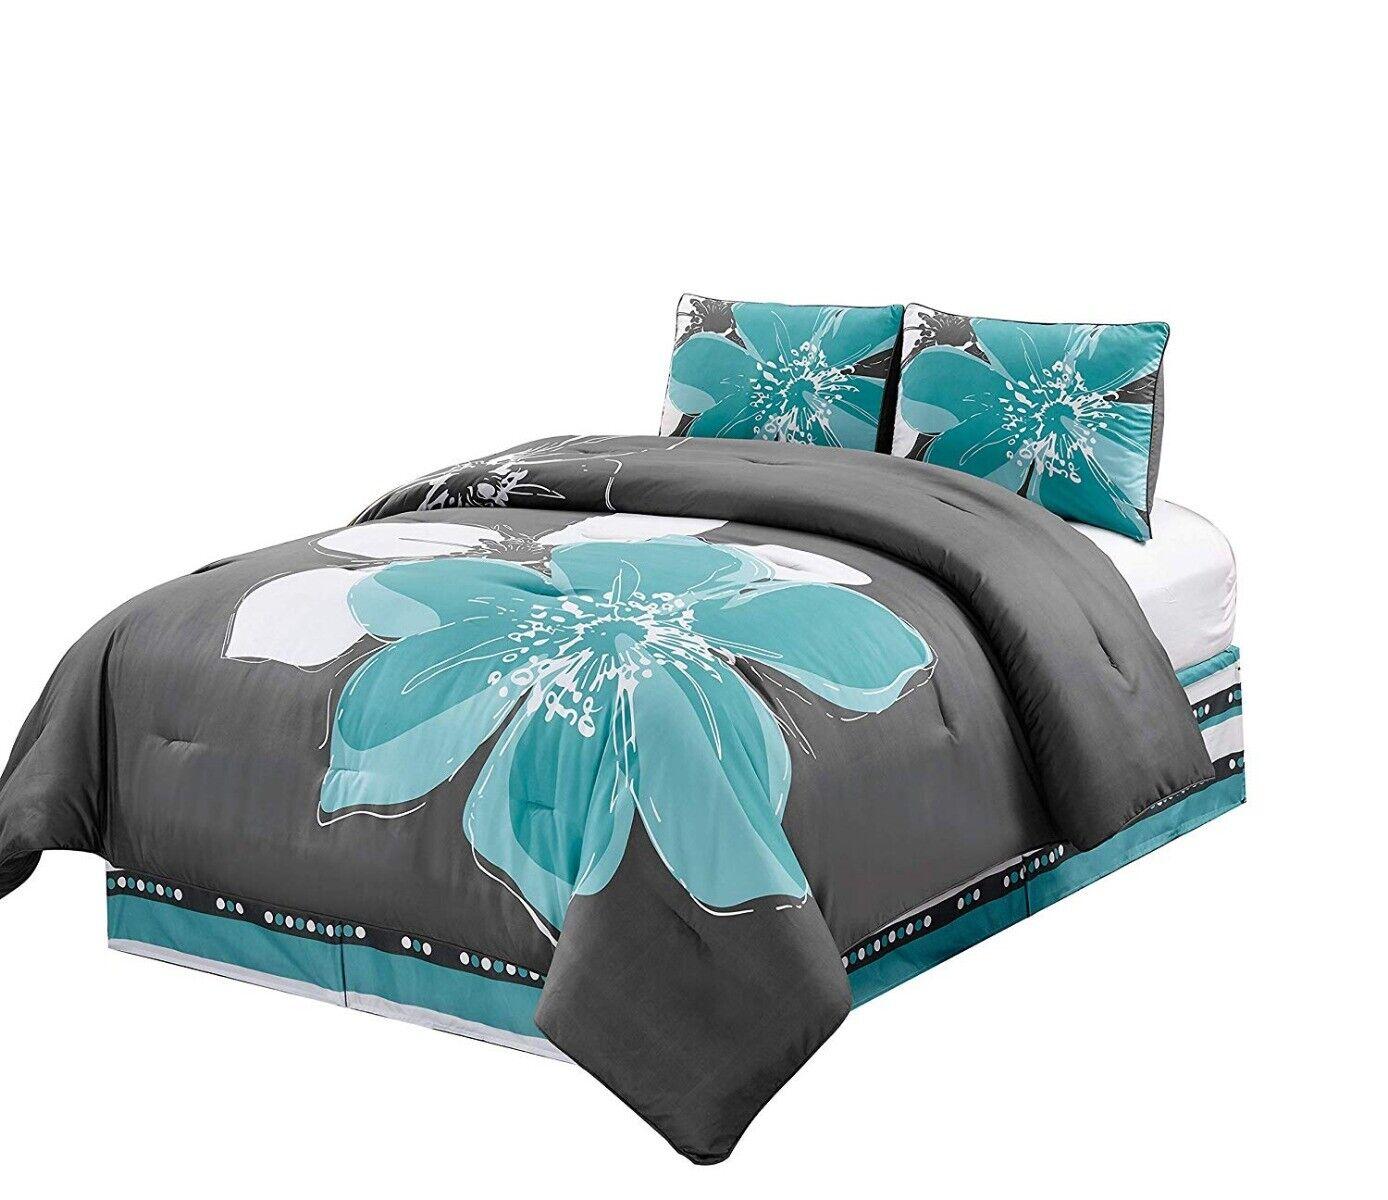 4 Pc Aqua Blue, Grey, White Hibiscus Floral Bedding FULL Siz